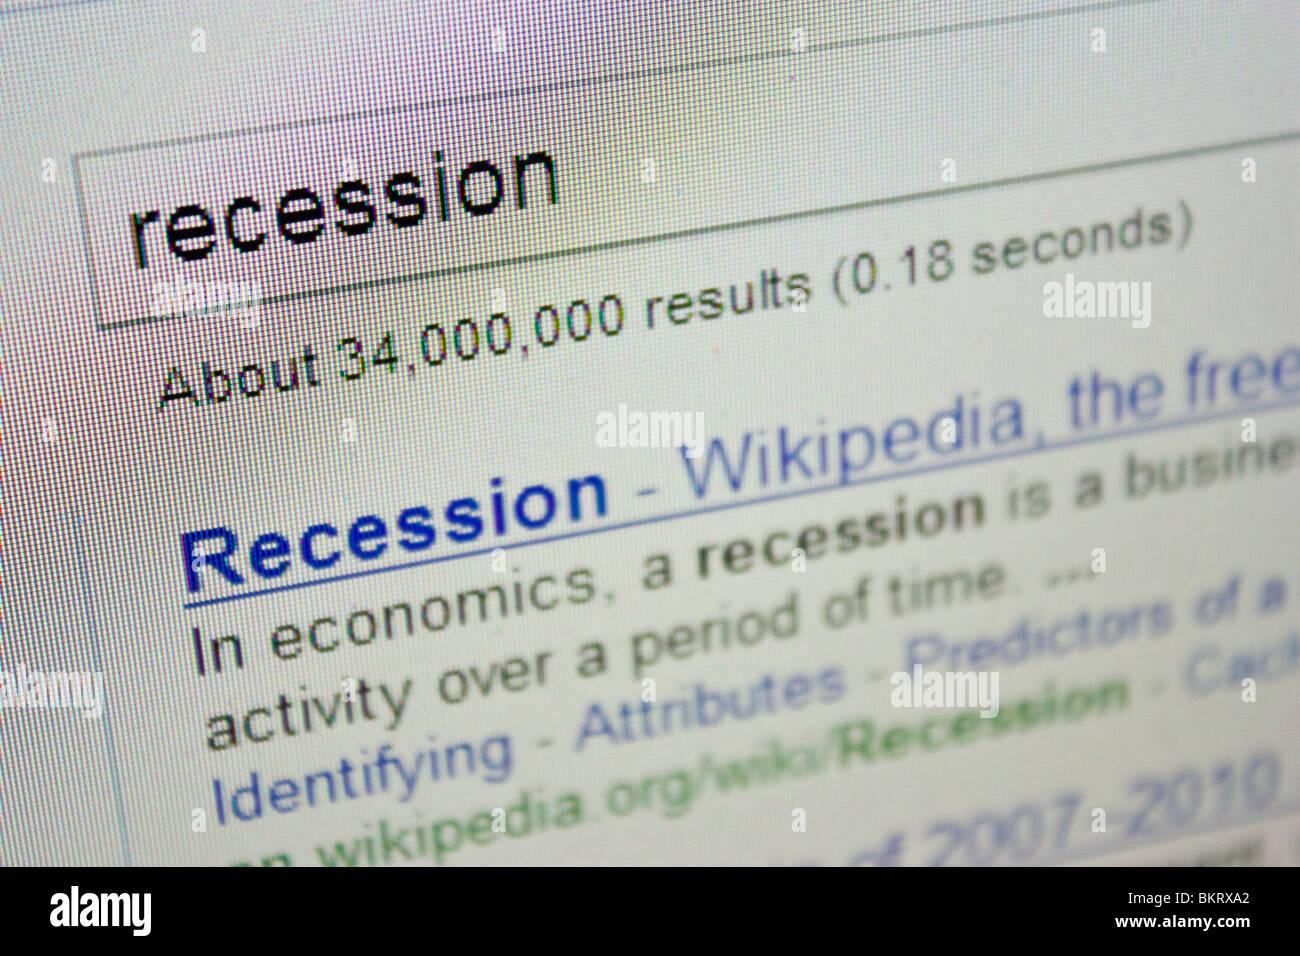 Economía Economía La recesión Foto de stock